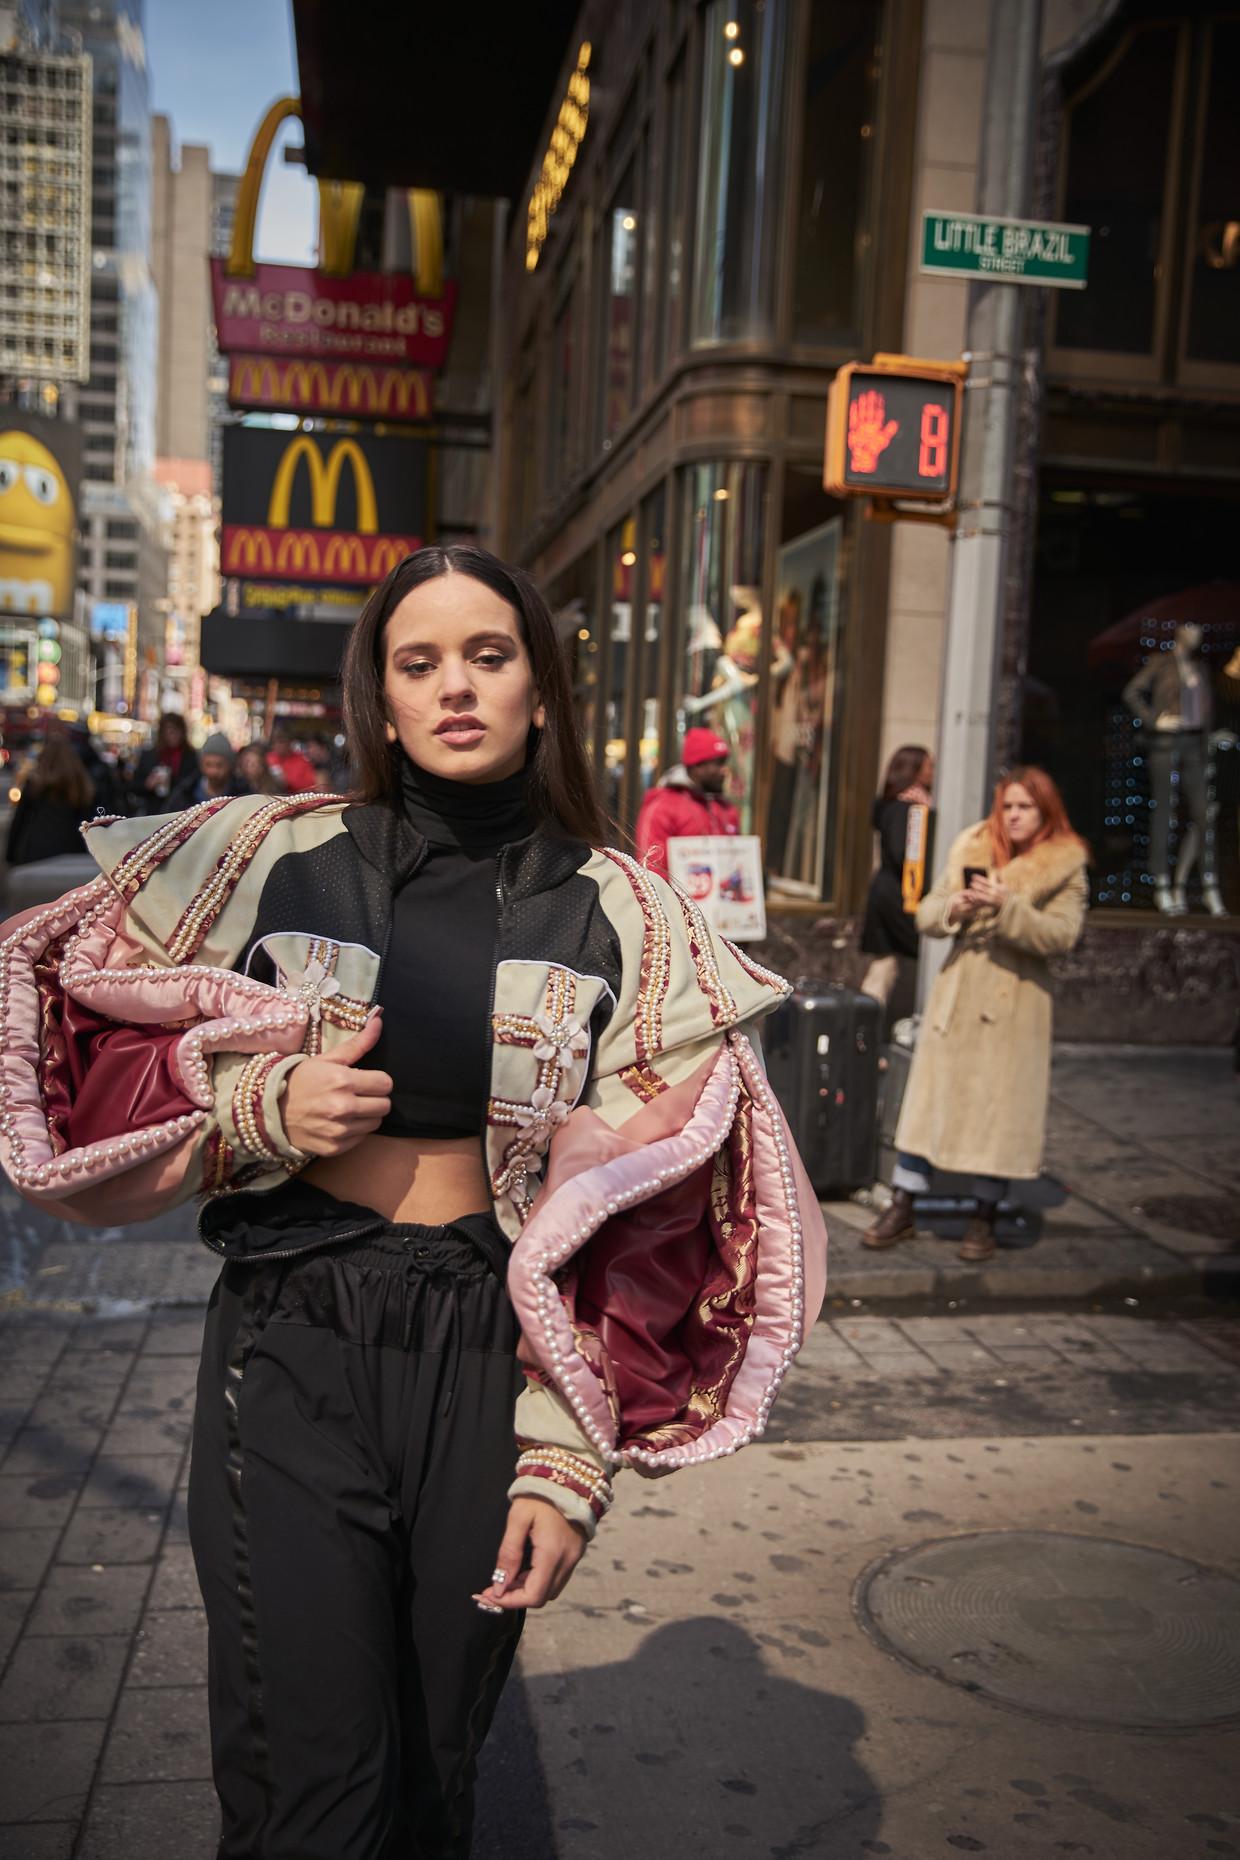 Rosalía: 'Er wordt gezegd en geschreven dat ik commercieel ben, een product van marketing, noem maar op. Dat raakt me.'